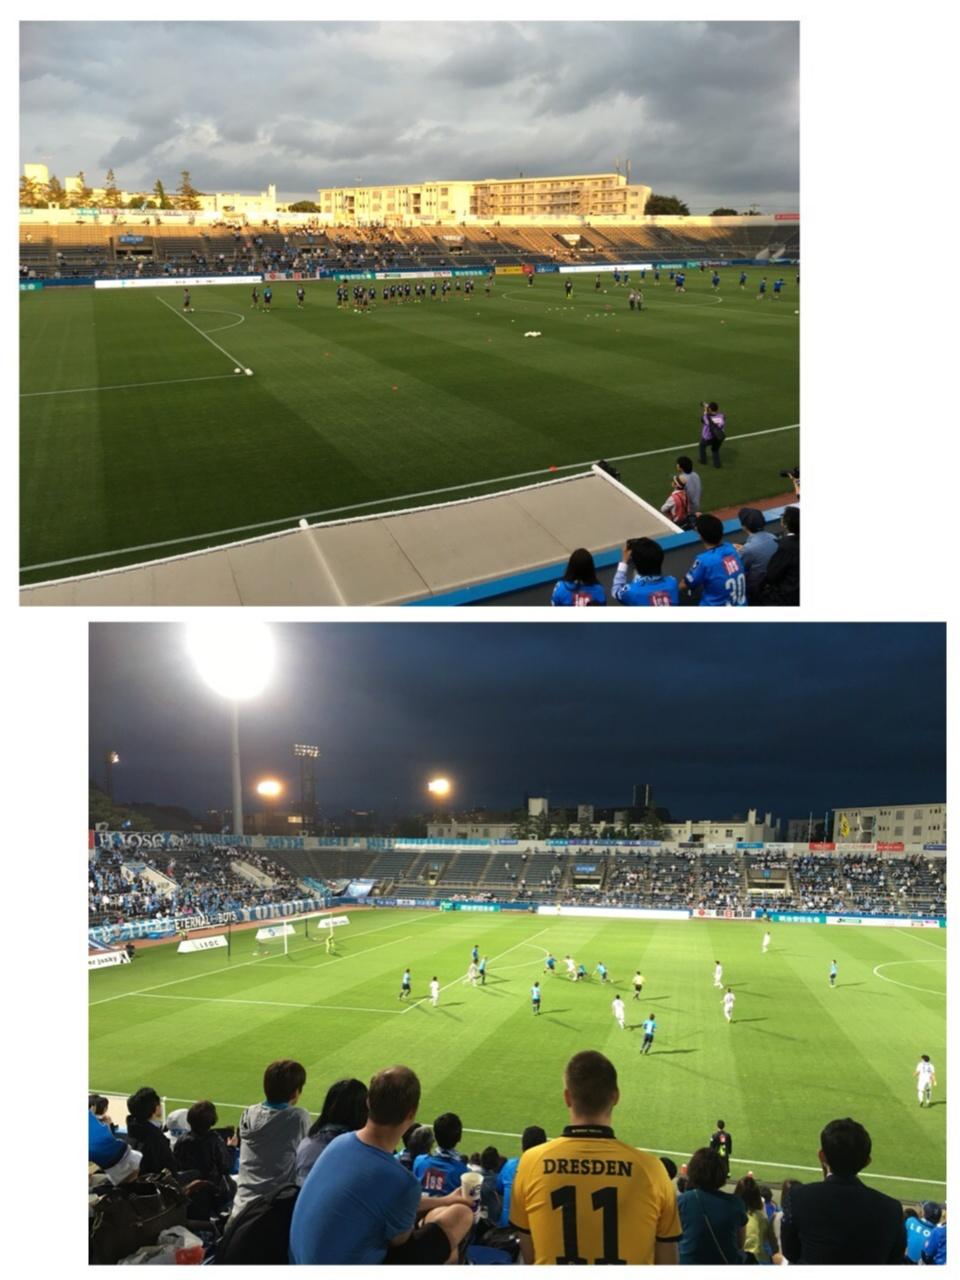 ♡【サッカー観戦】横浜FCvs水戸ホーリーホック♡モアハピ◡̈のぞみ♡_2